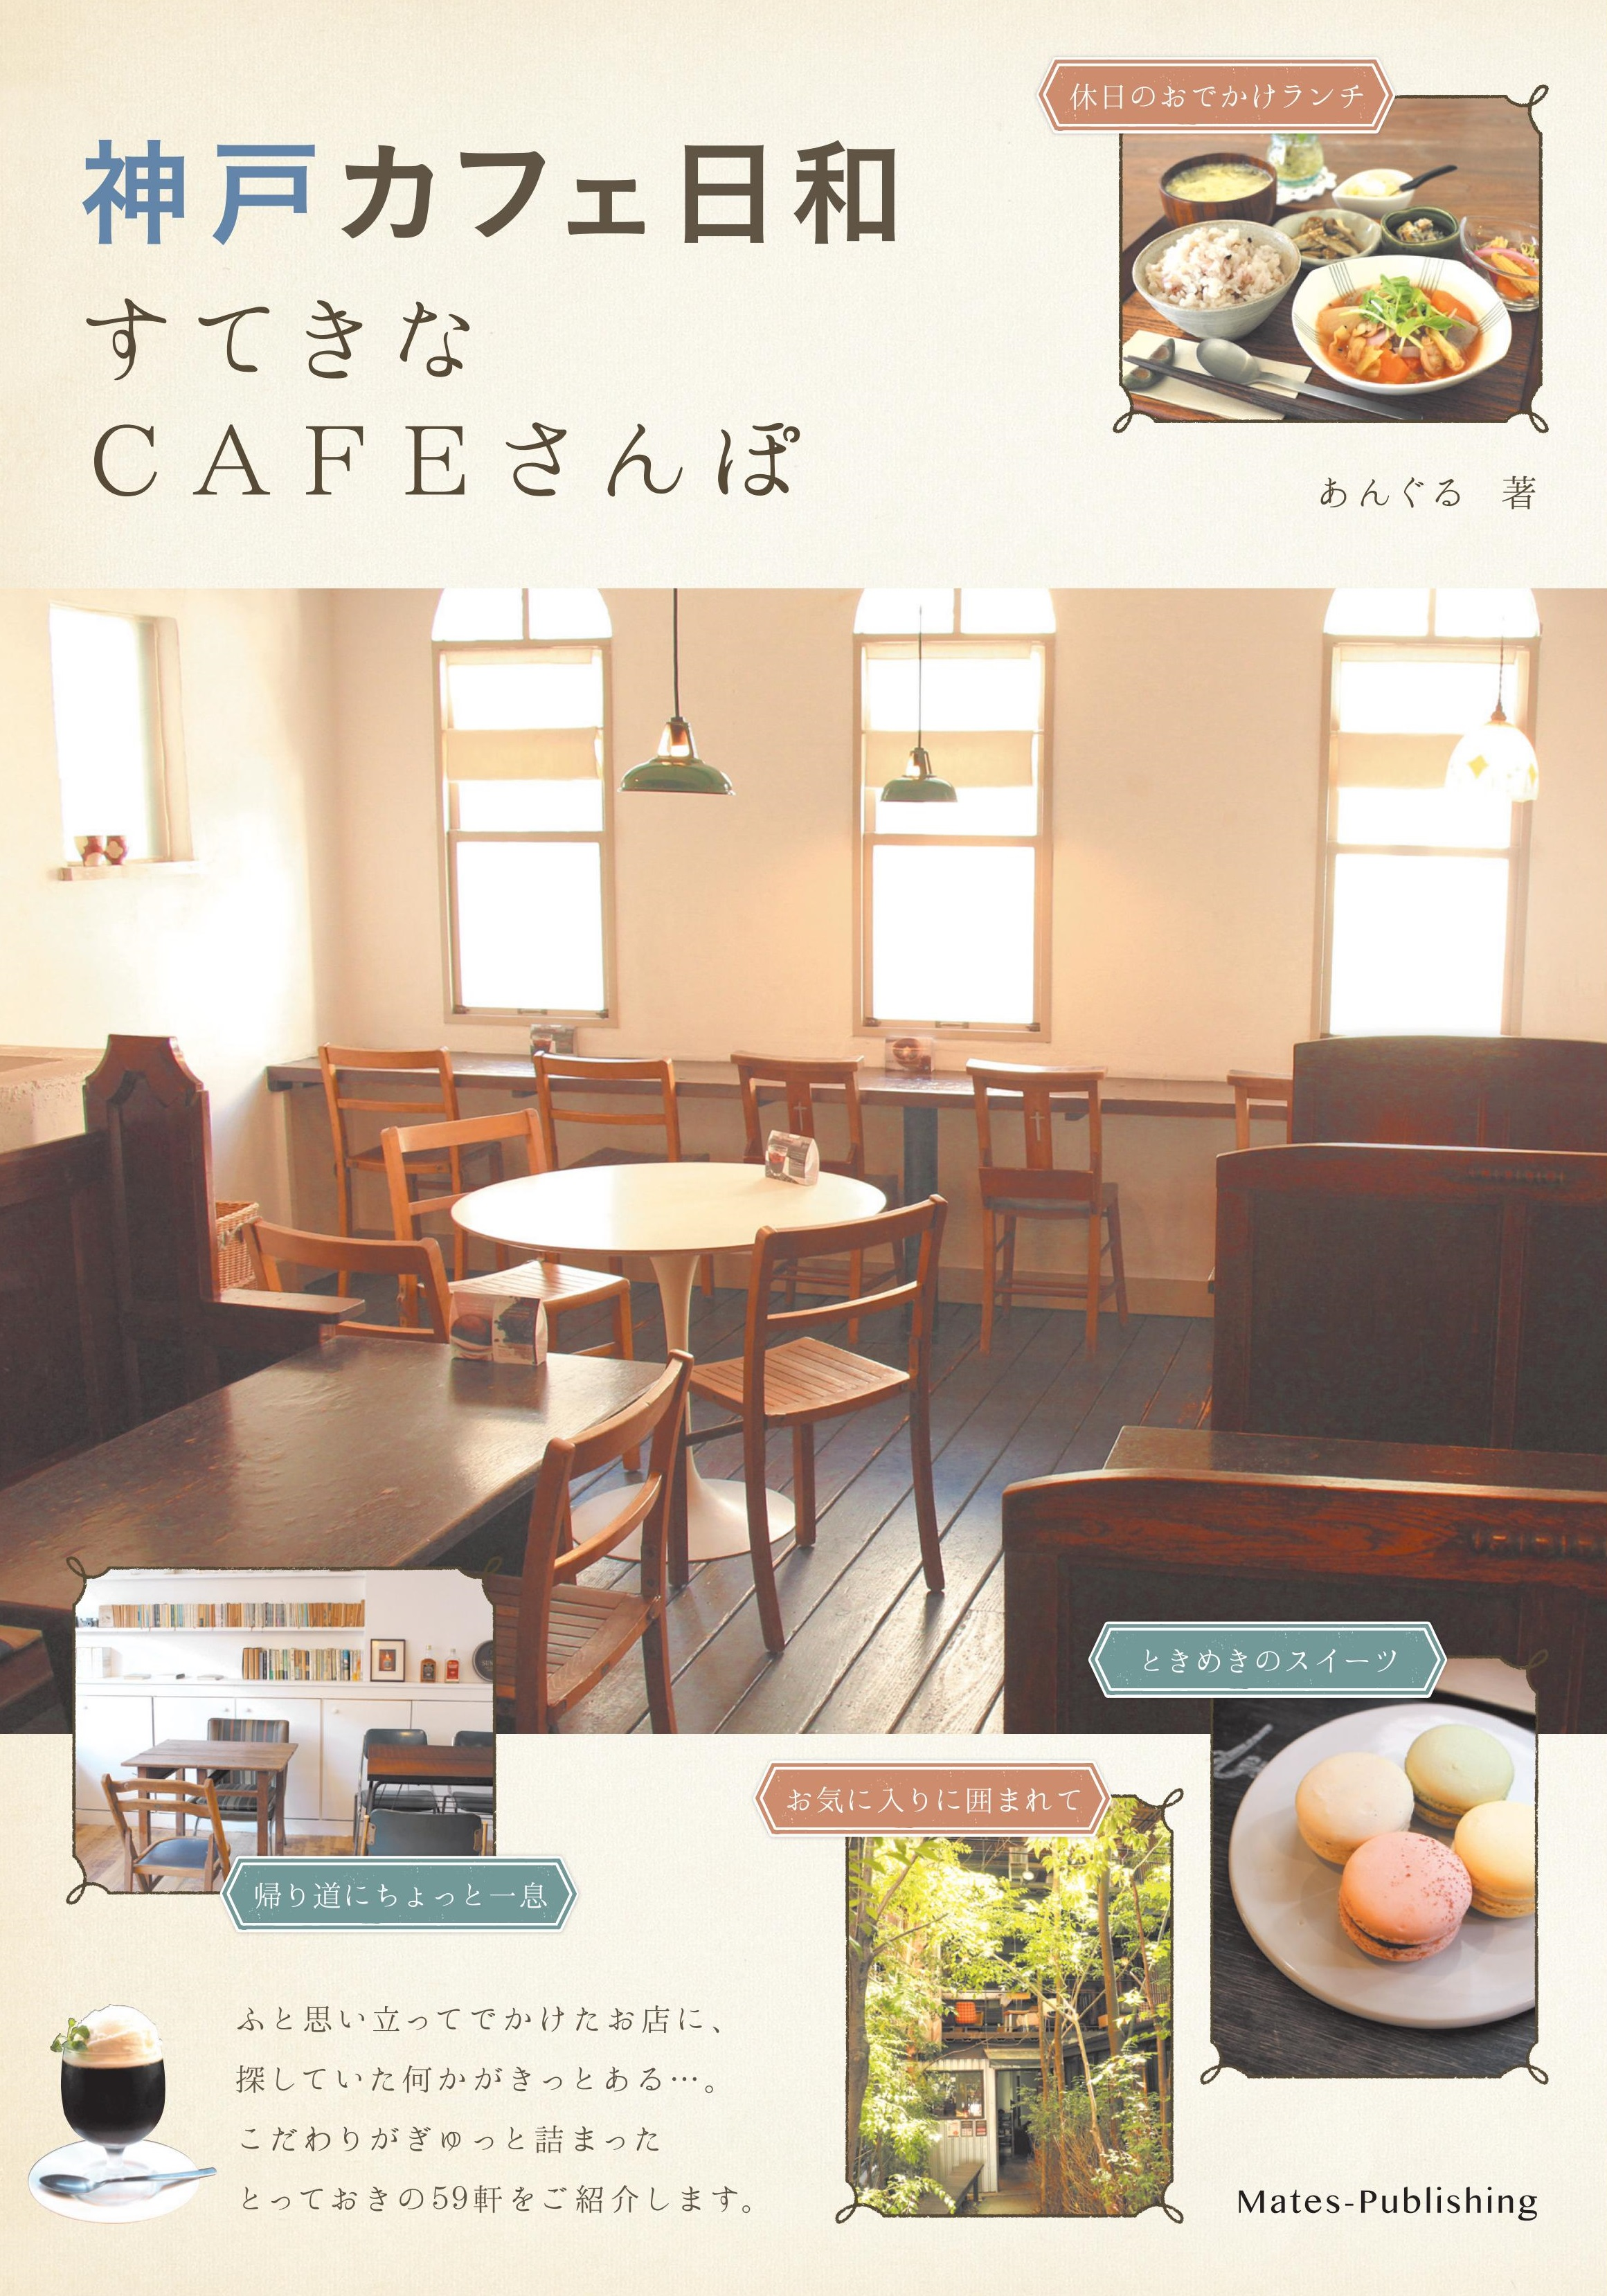 神戸 カフェ日和 すてきなCAFEさんぽ